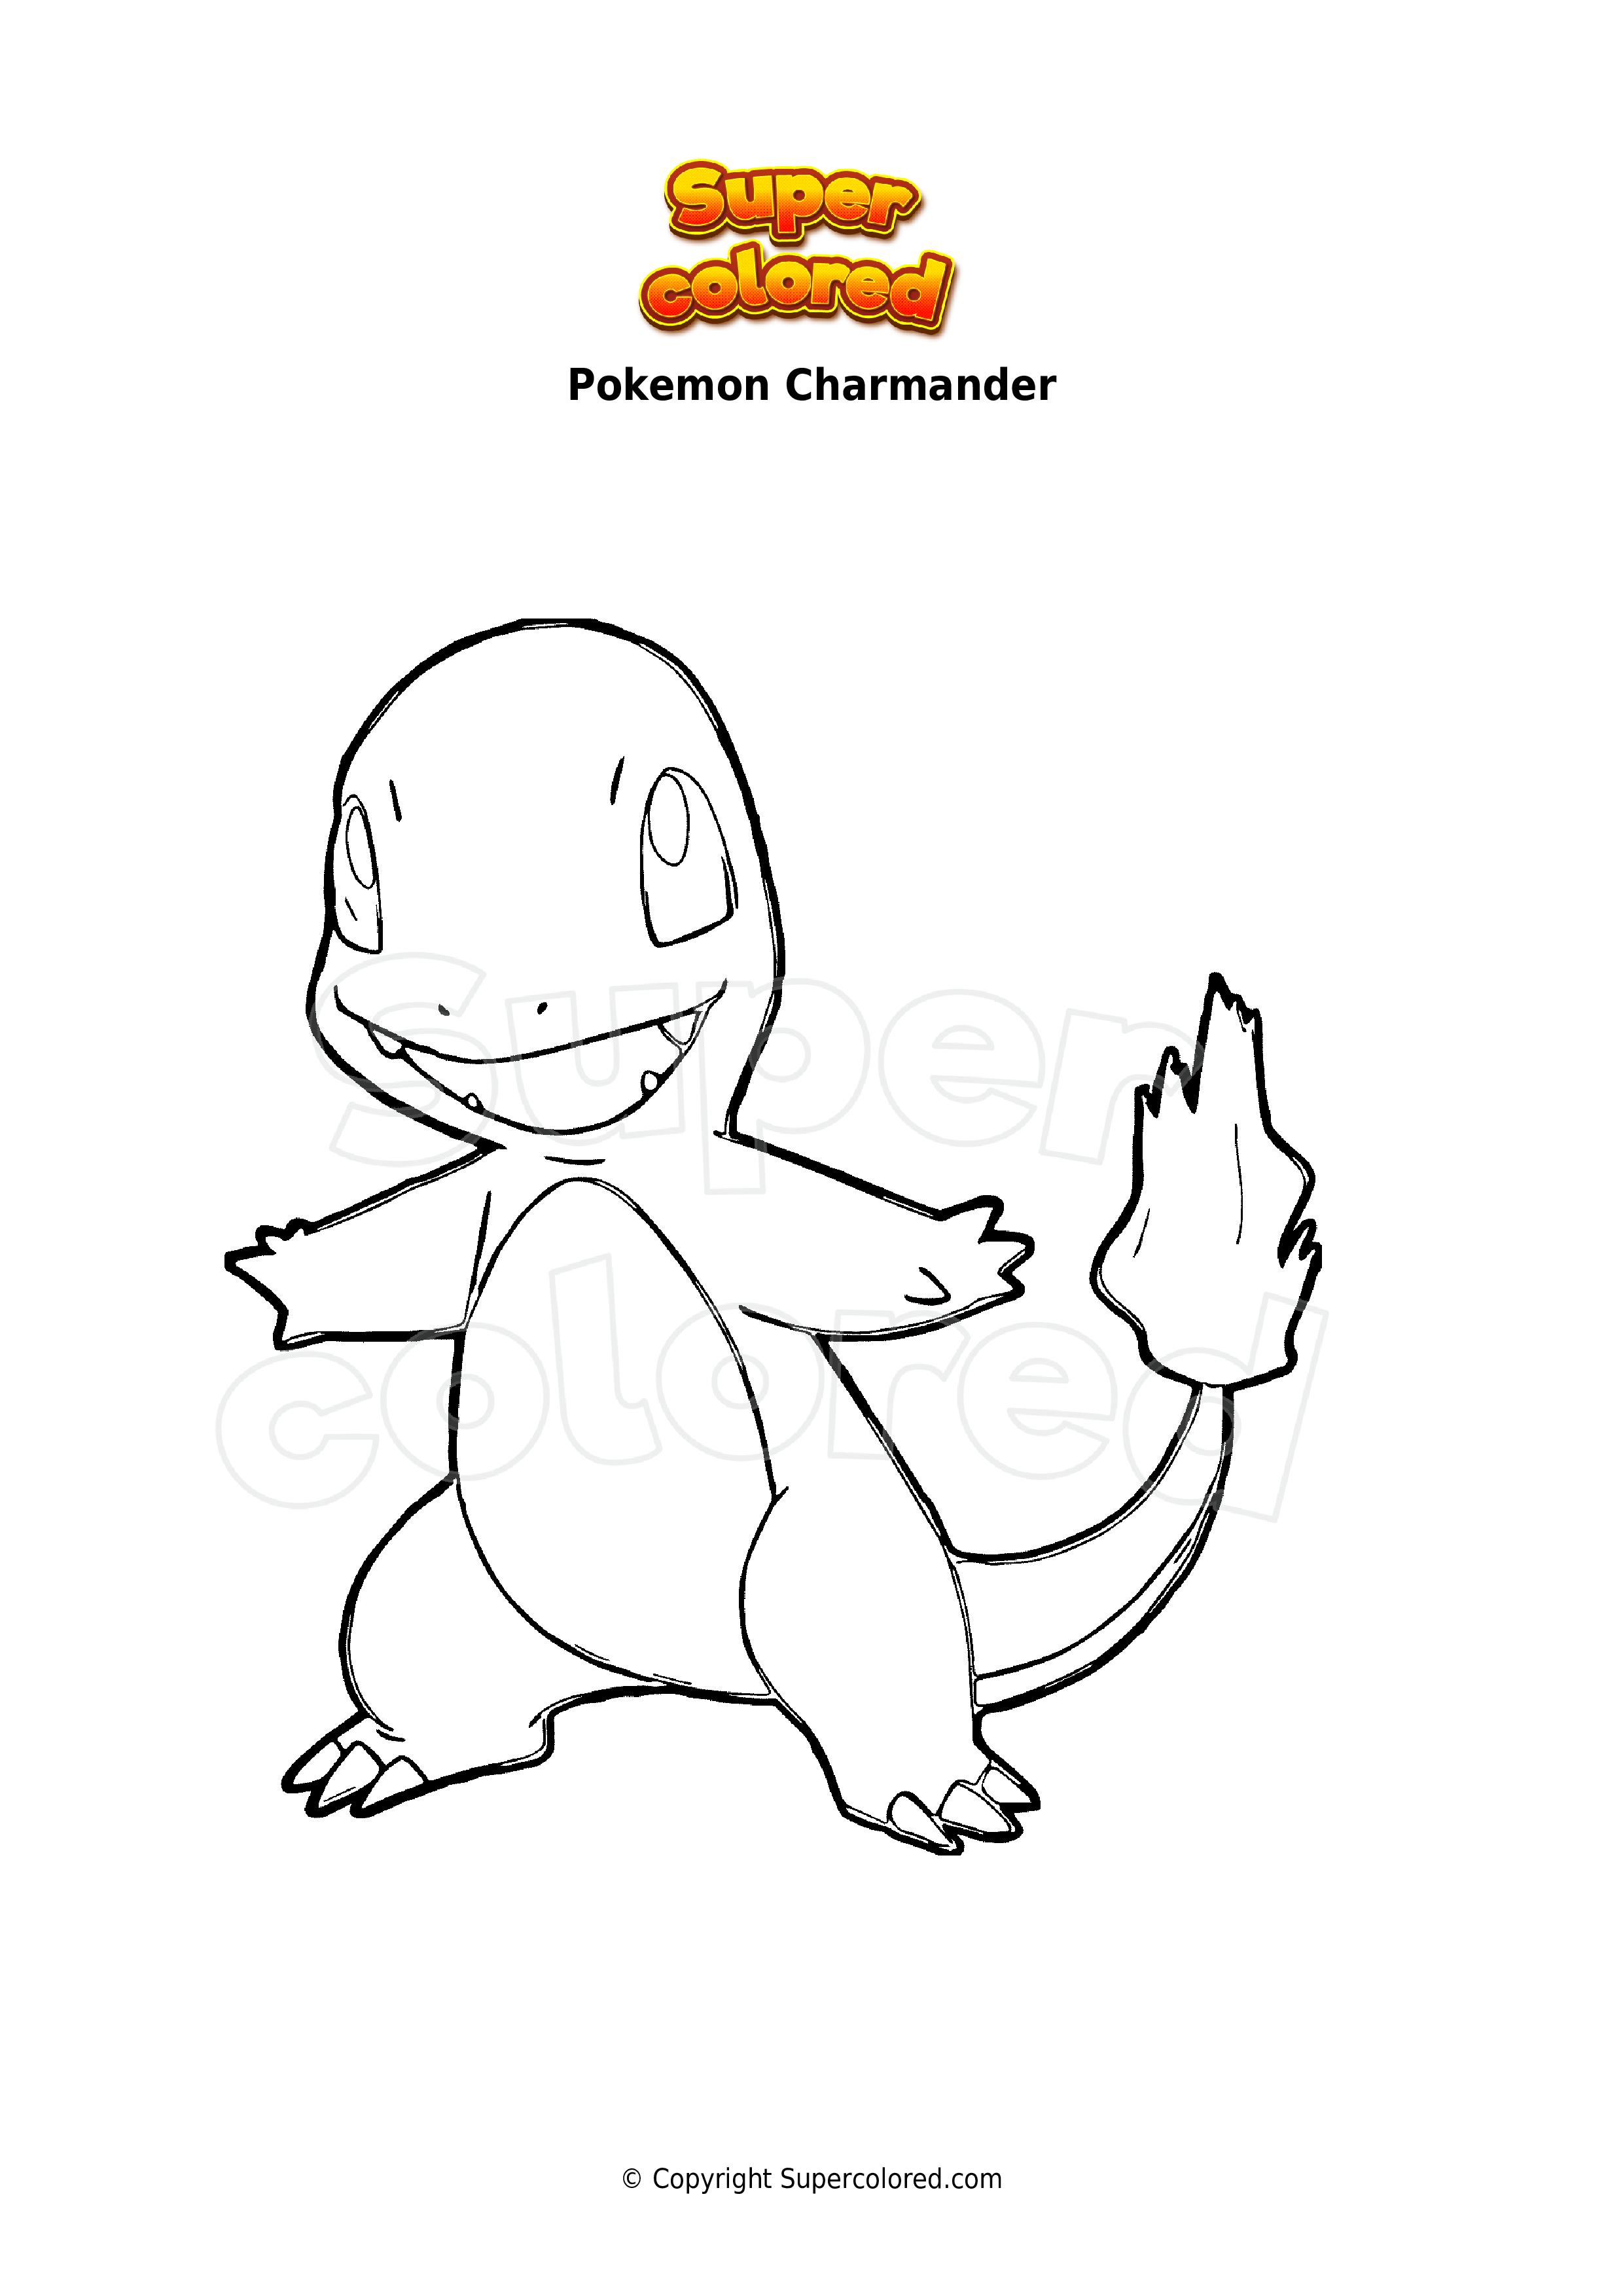 Coloring Page Pokemon Charmander Supercolored Com